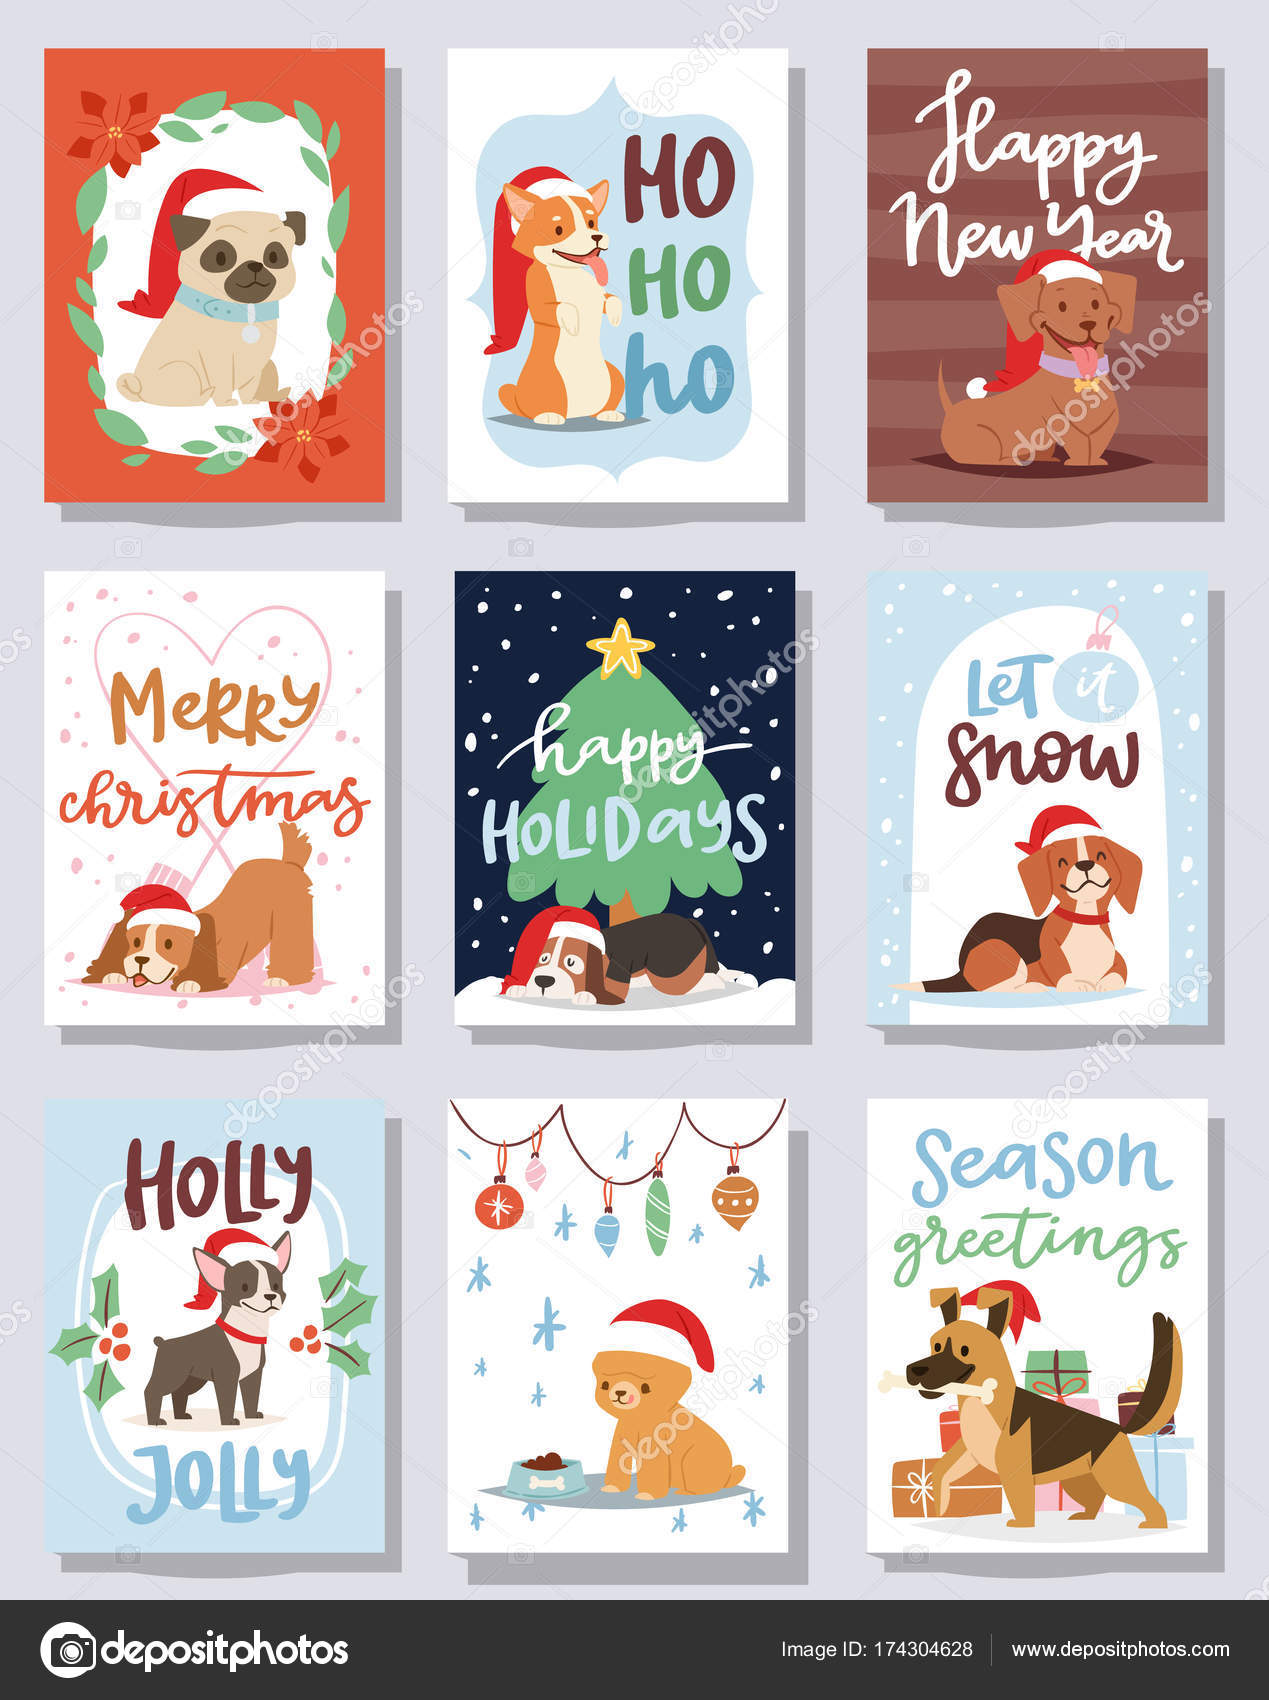 animé noel 2018 dessin images Vecteur de carte Noël 2018 chien mignon dessin animé chiot  animé noel 2018 dessin images